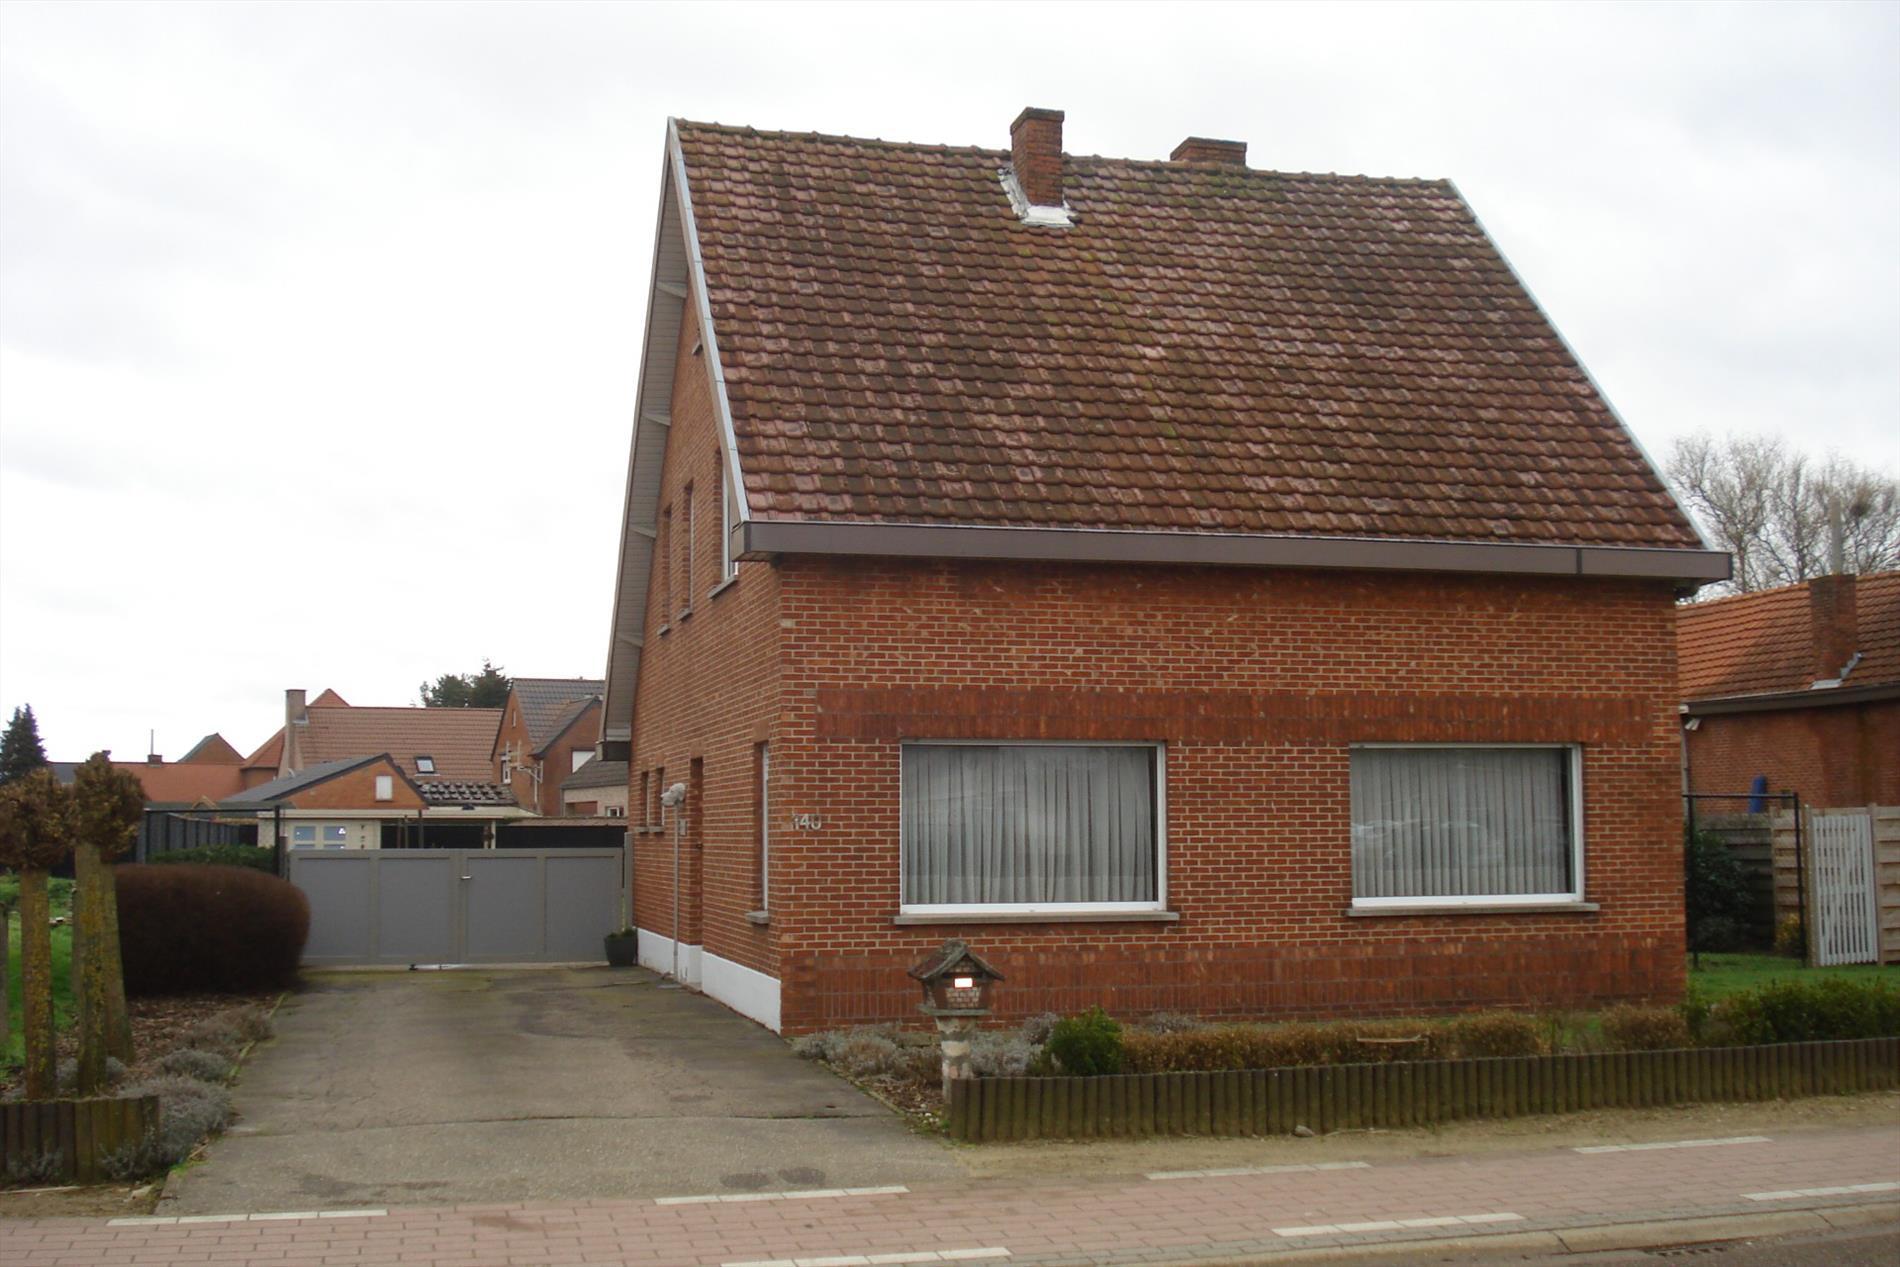 Bieststraat 140 Heusden-Zolder